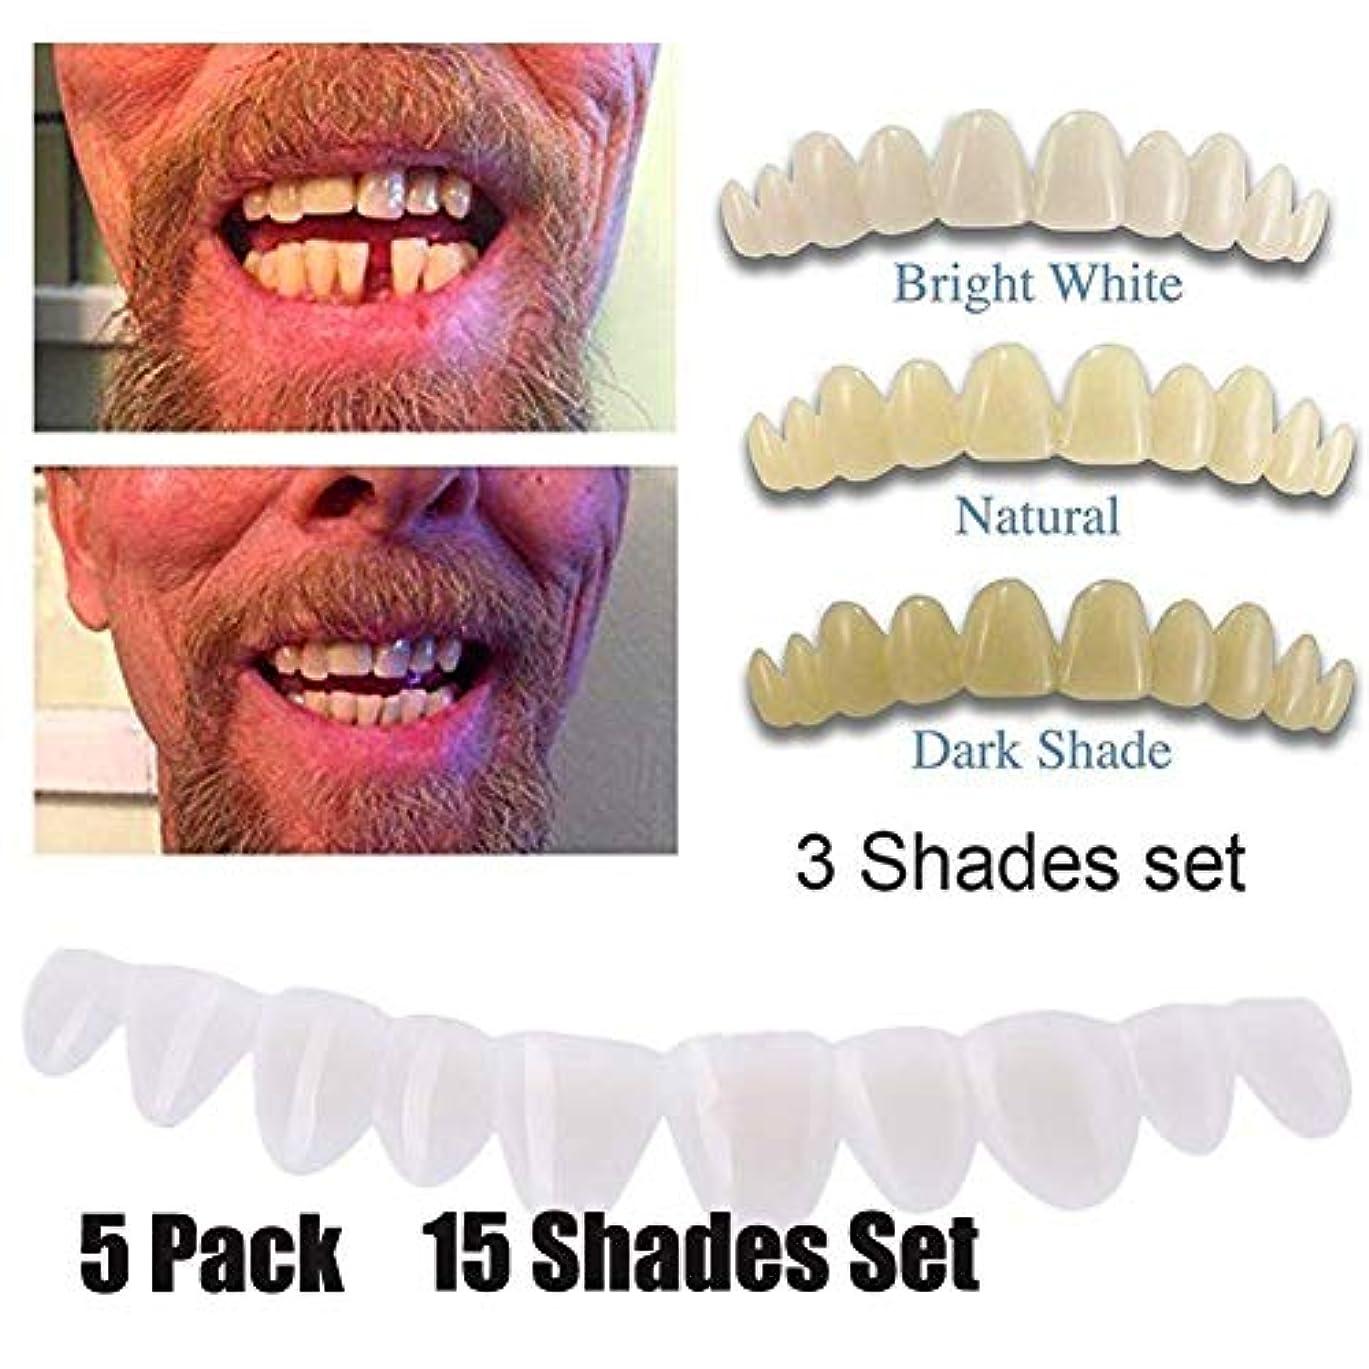 群衆オプションまさに5パックインスタントスマイルテンポラリートゥースキット3色付き欠けているか壊れている歯の修正が数分以内にあなたの笑顔を直します